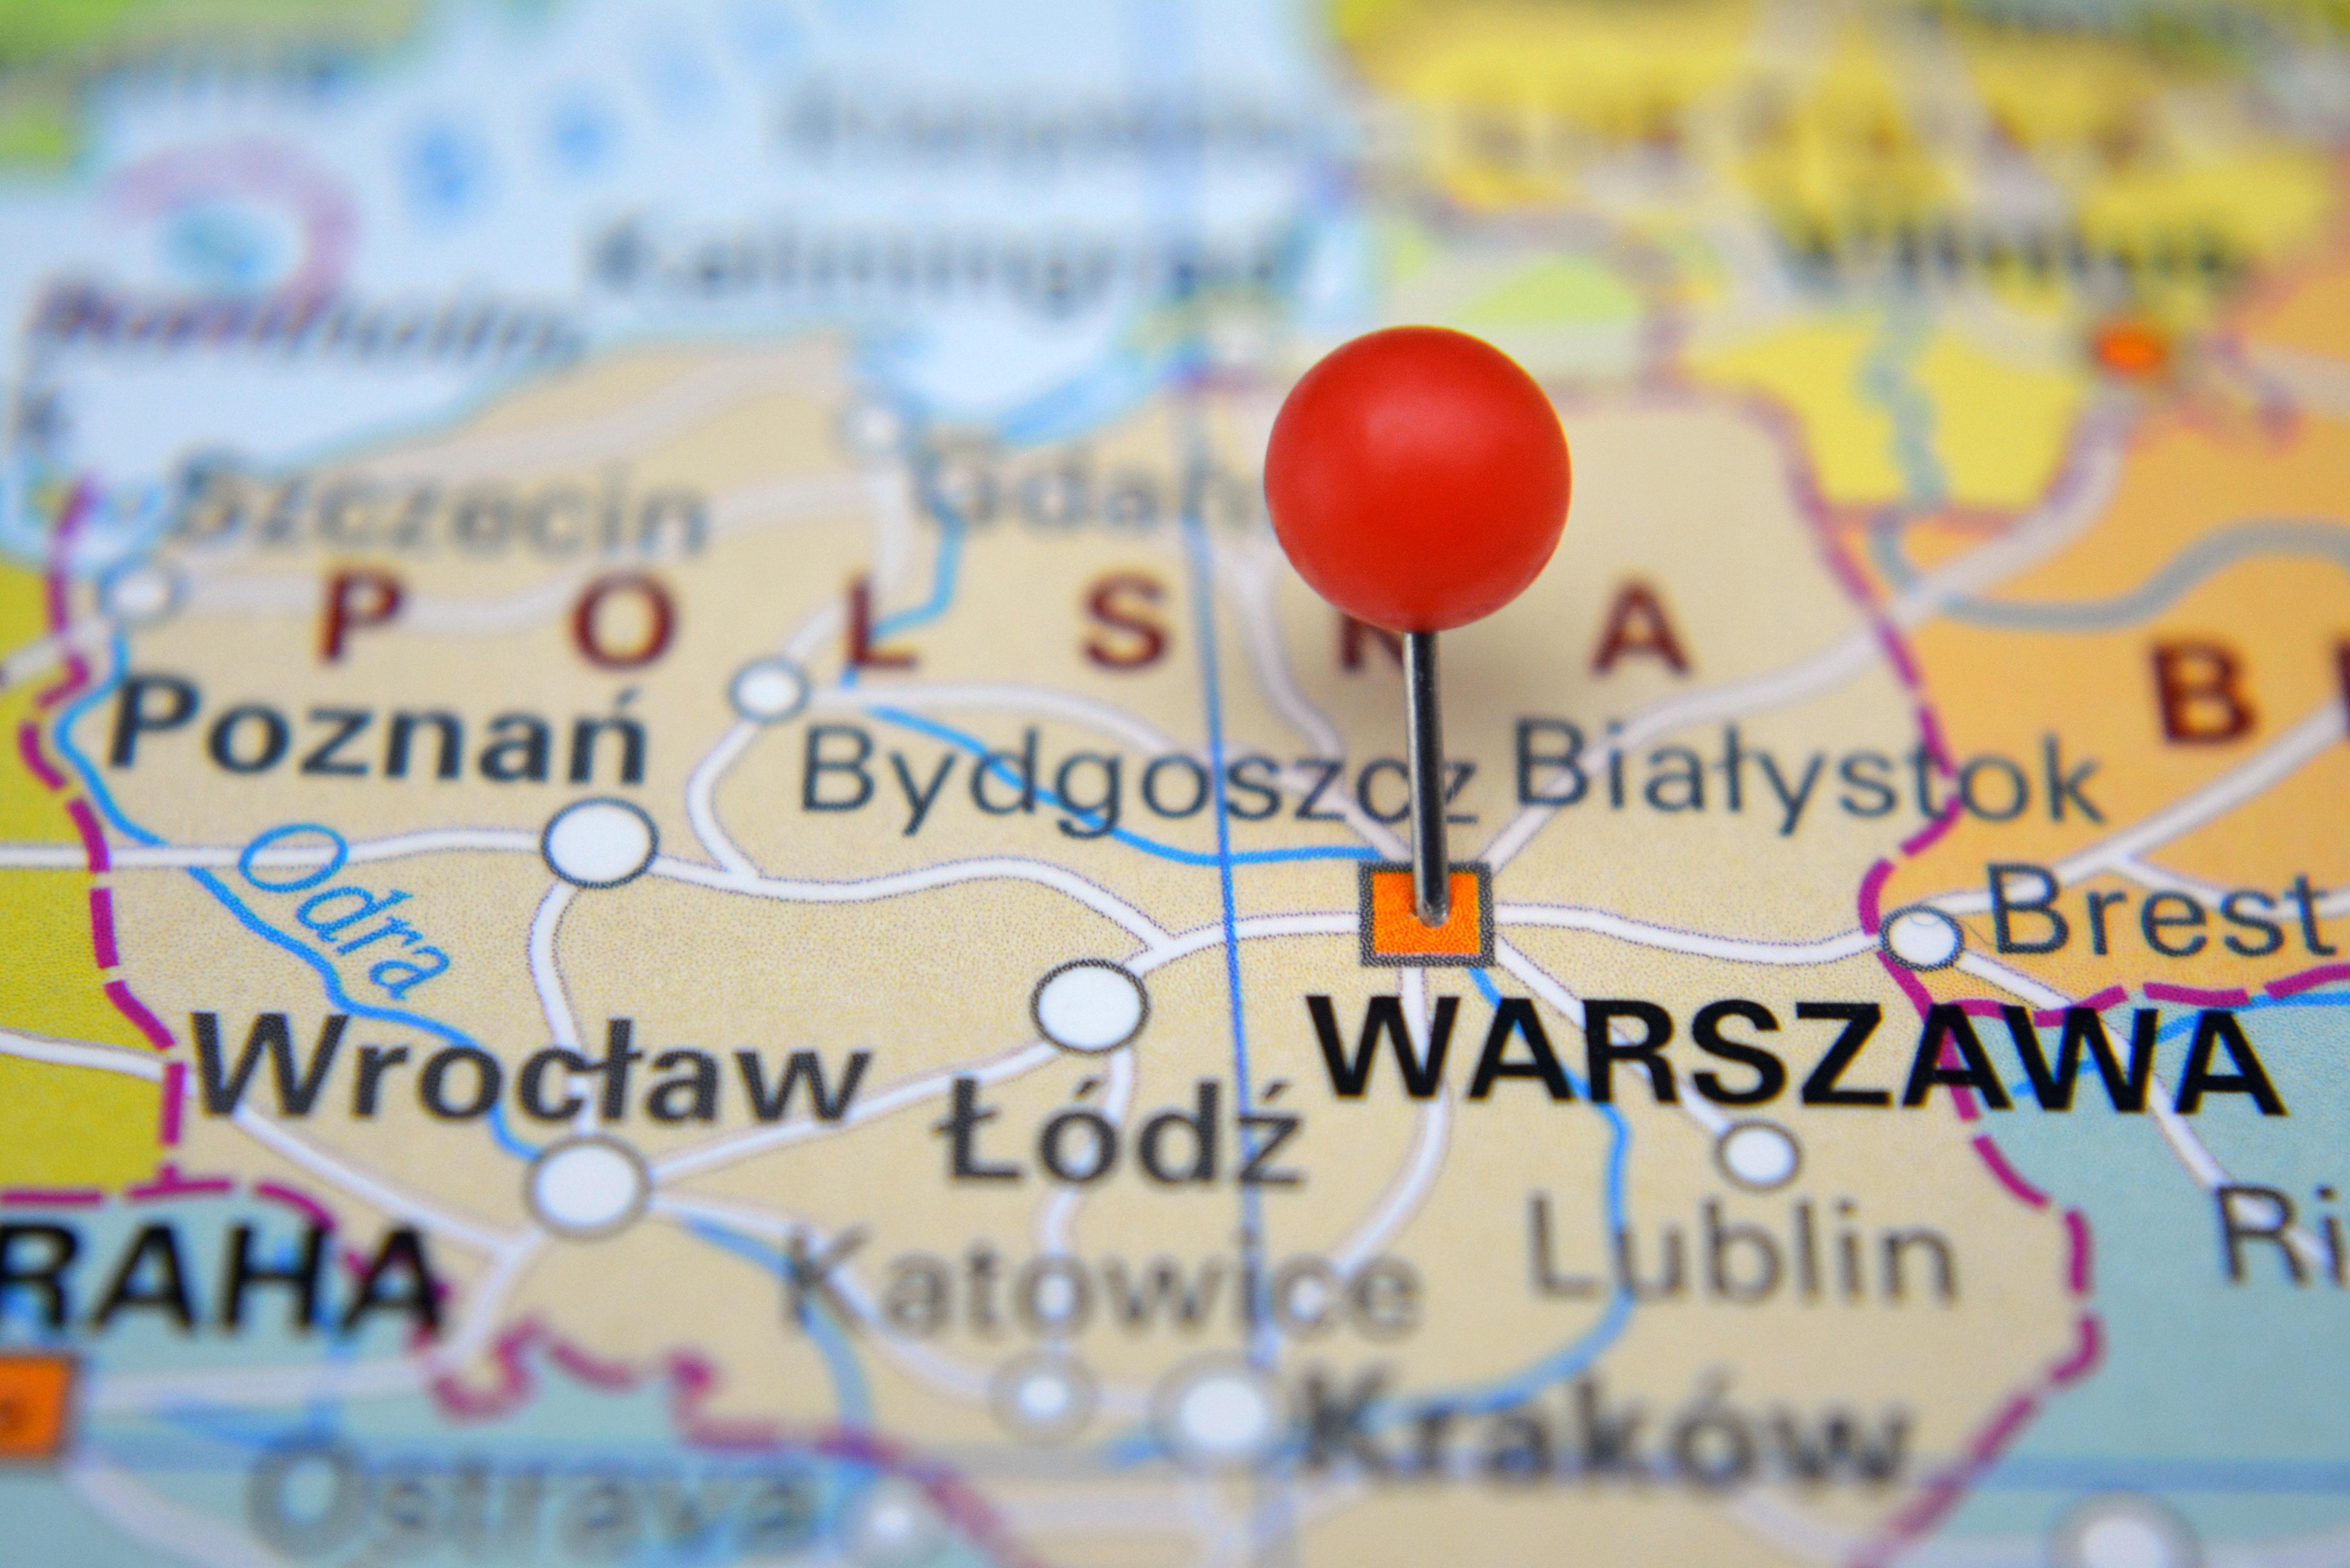 Карта Польши, где можно бесплатно получить визу D по Карте Поляка